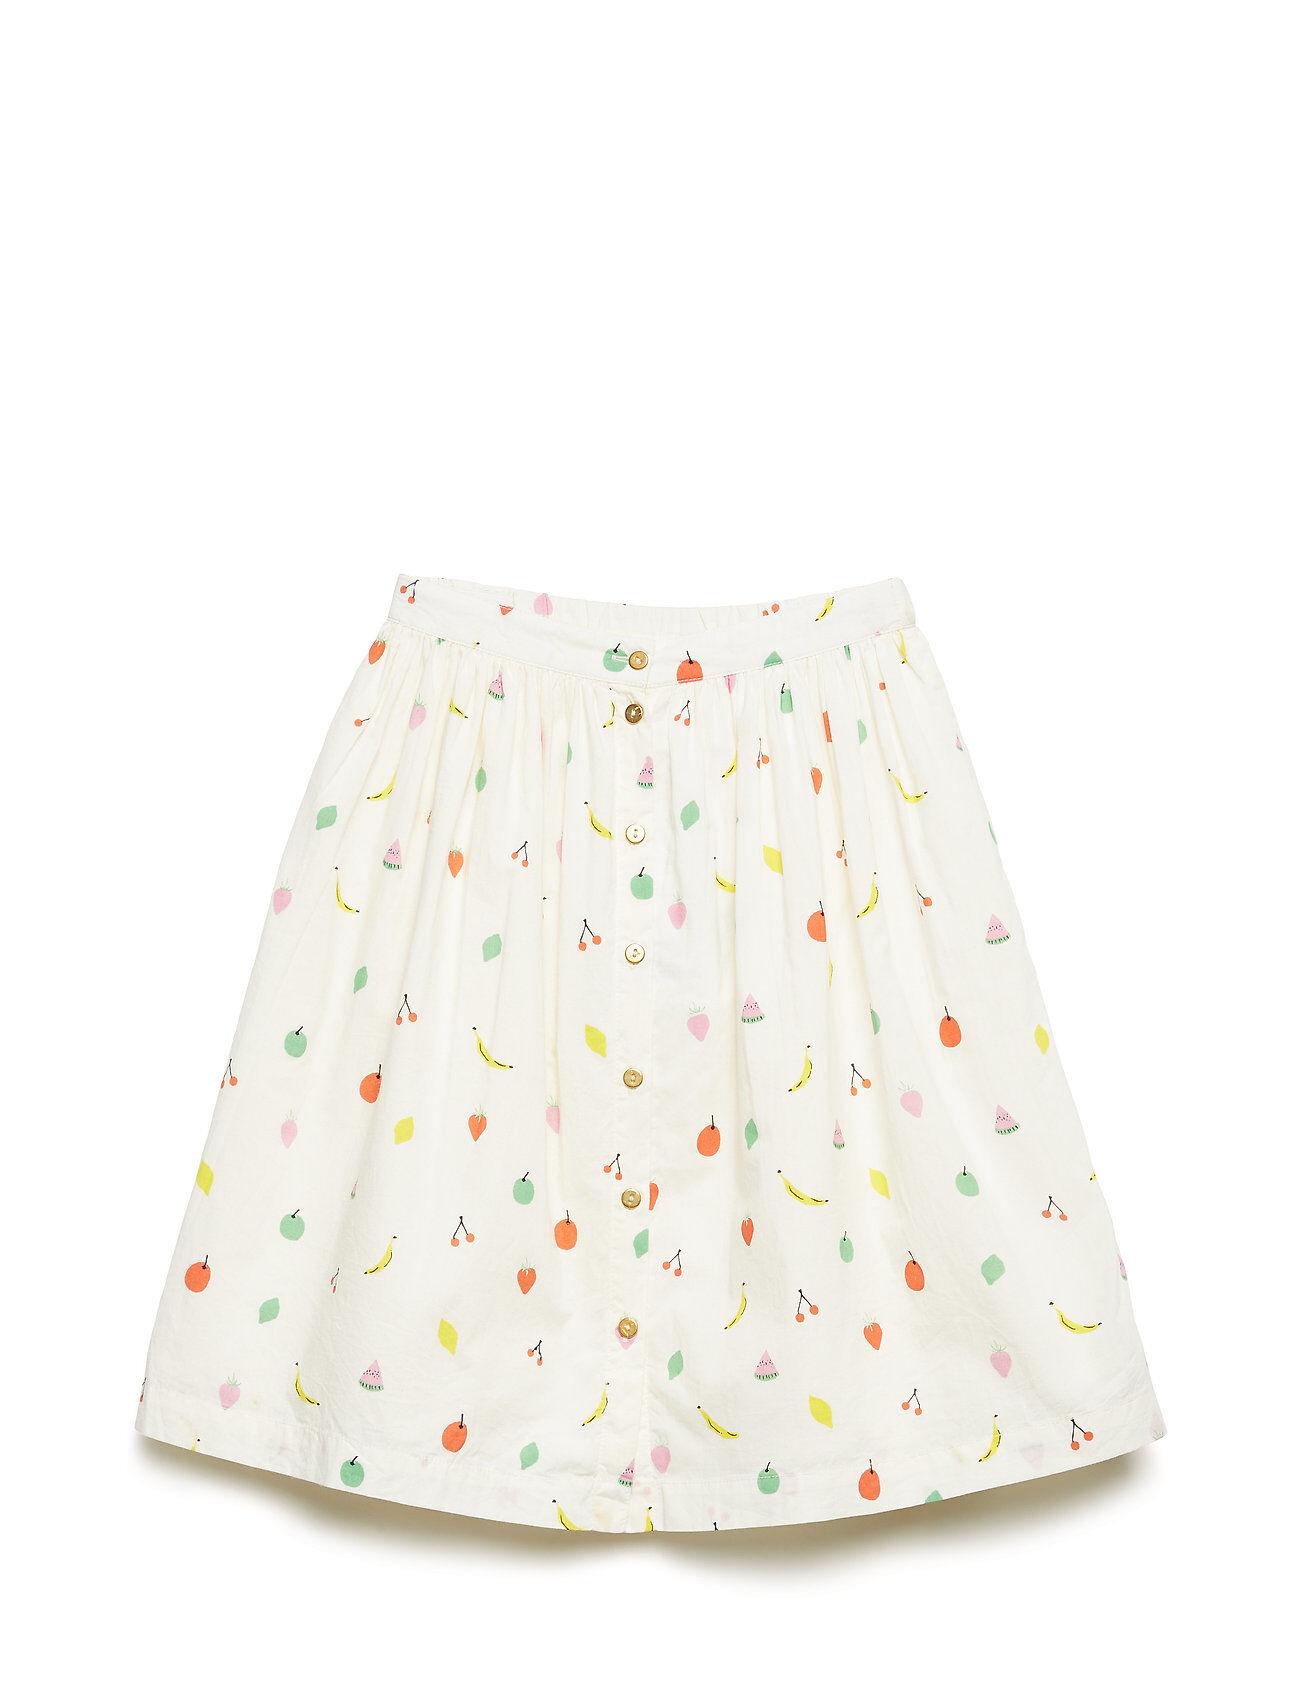 Soft Gallery Dixie Skirt